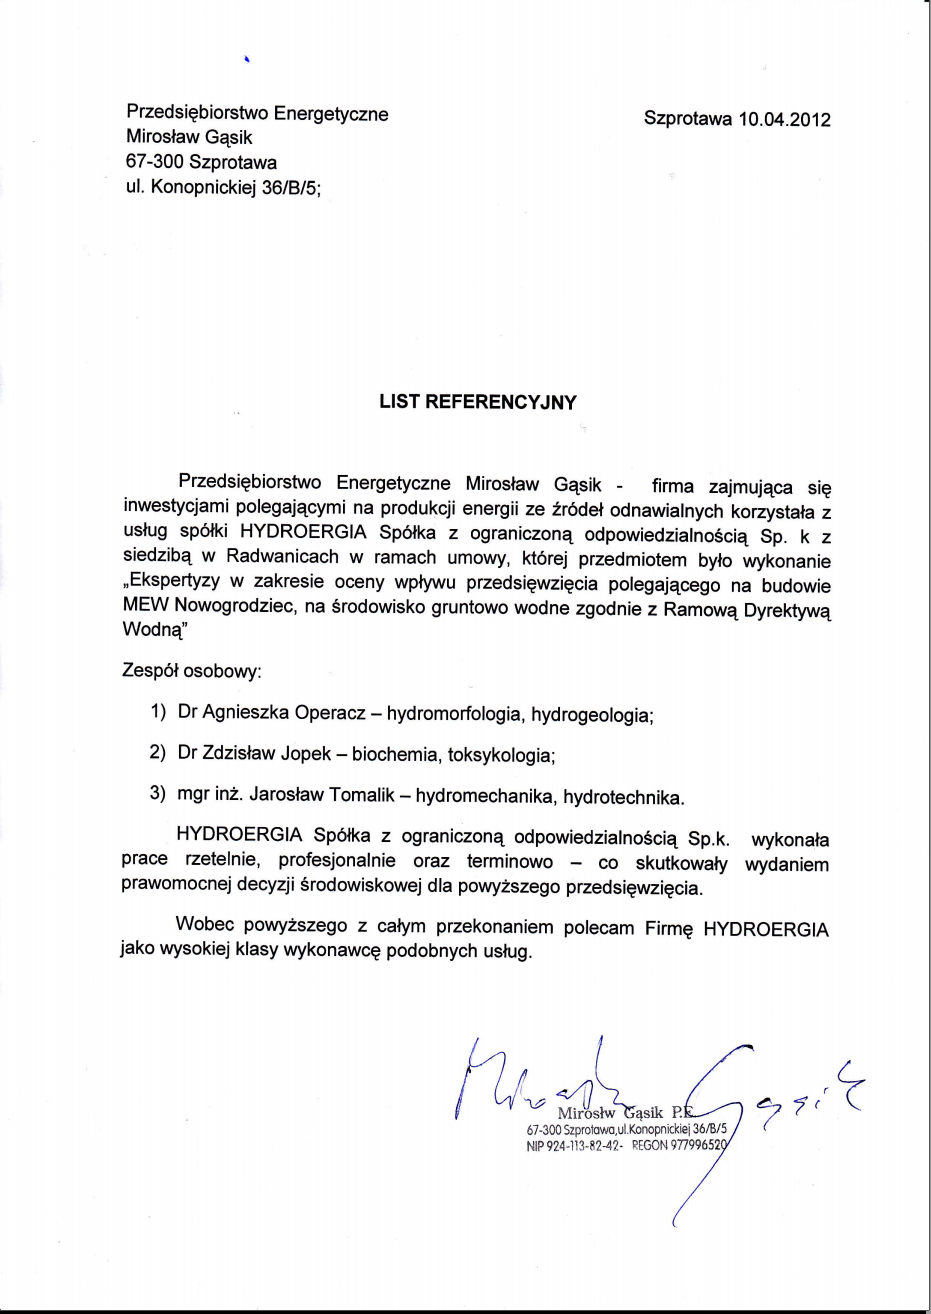 MEW Nowogrodziec